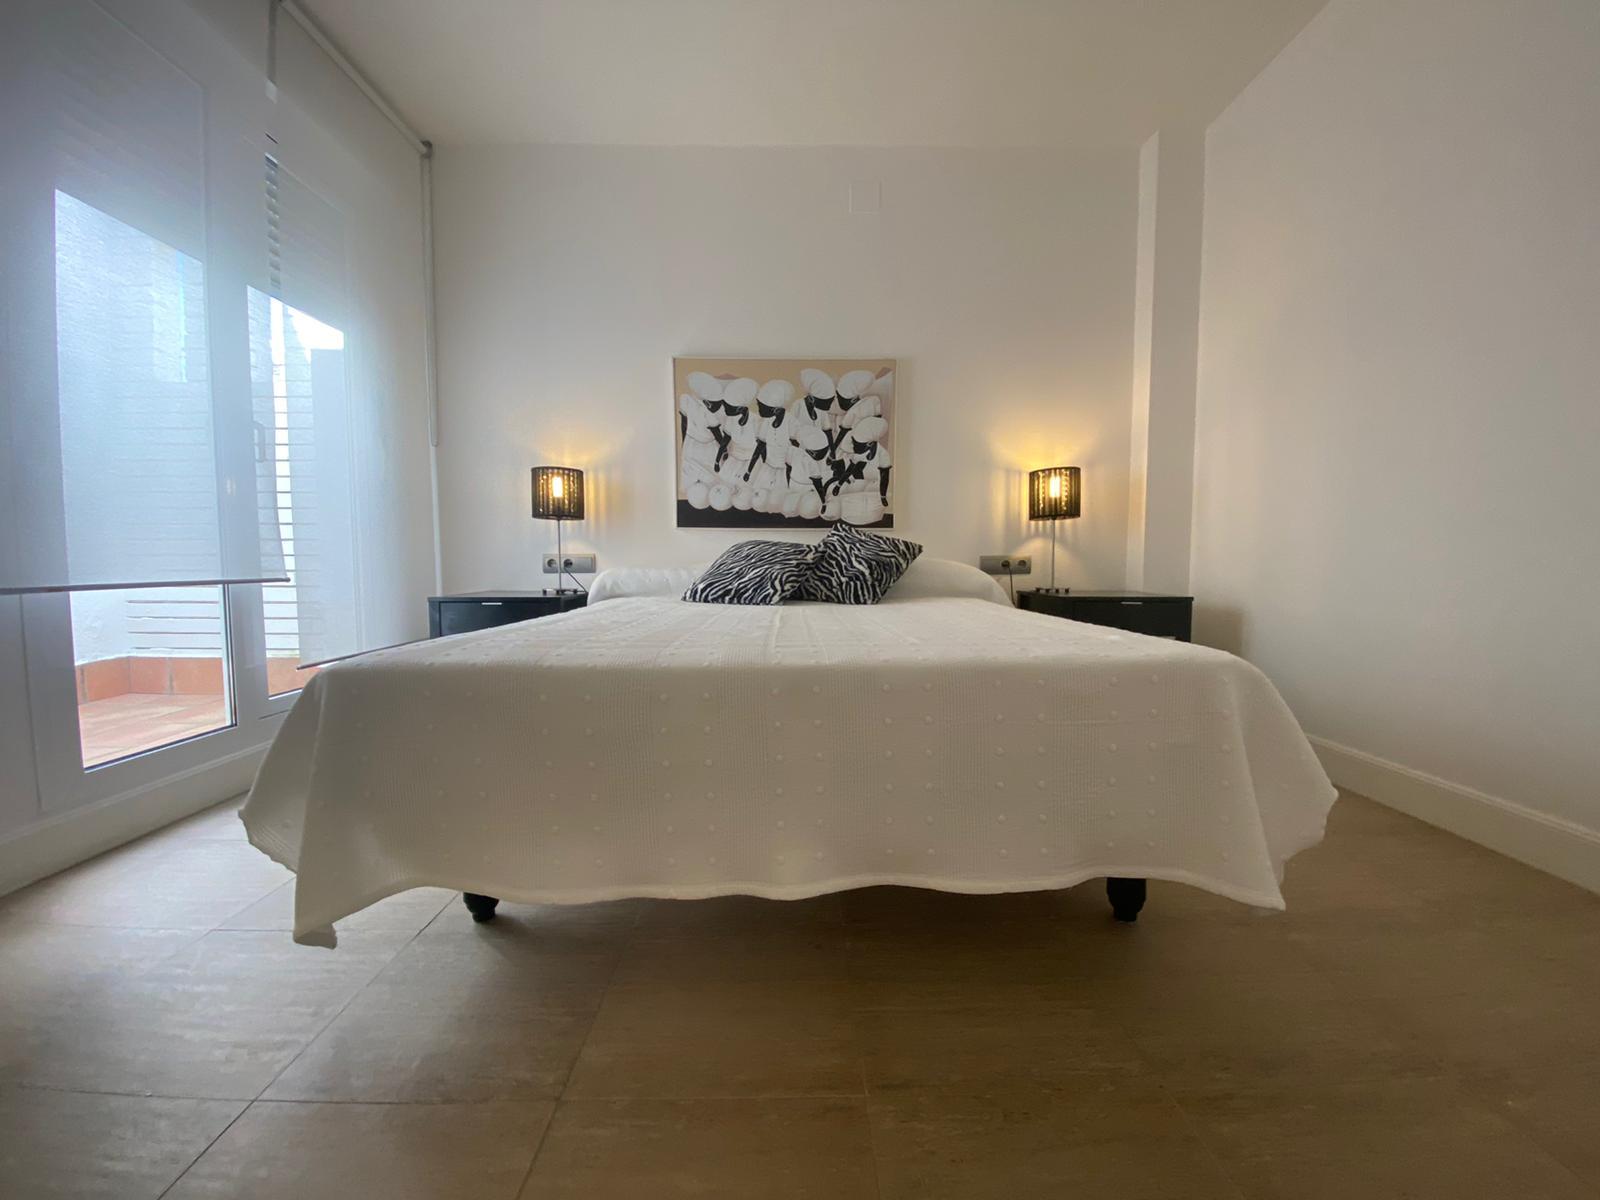 Imagen 10 del Apartamento Turístico, Ático 1 Central (3d+2b), Punta del Moral (HUELVA), Paseo de la Cruz nº22